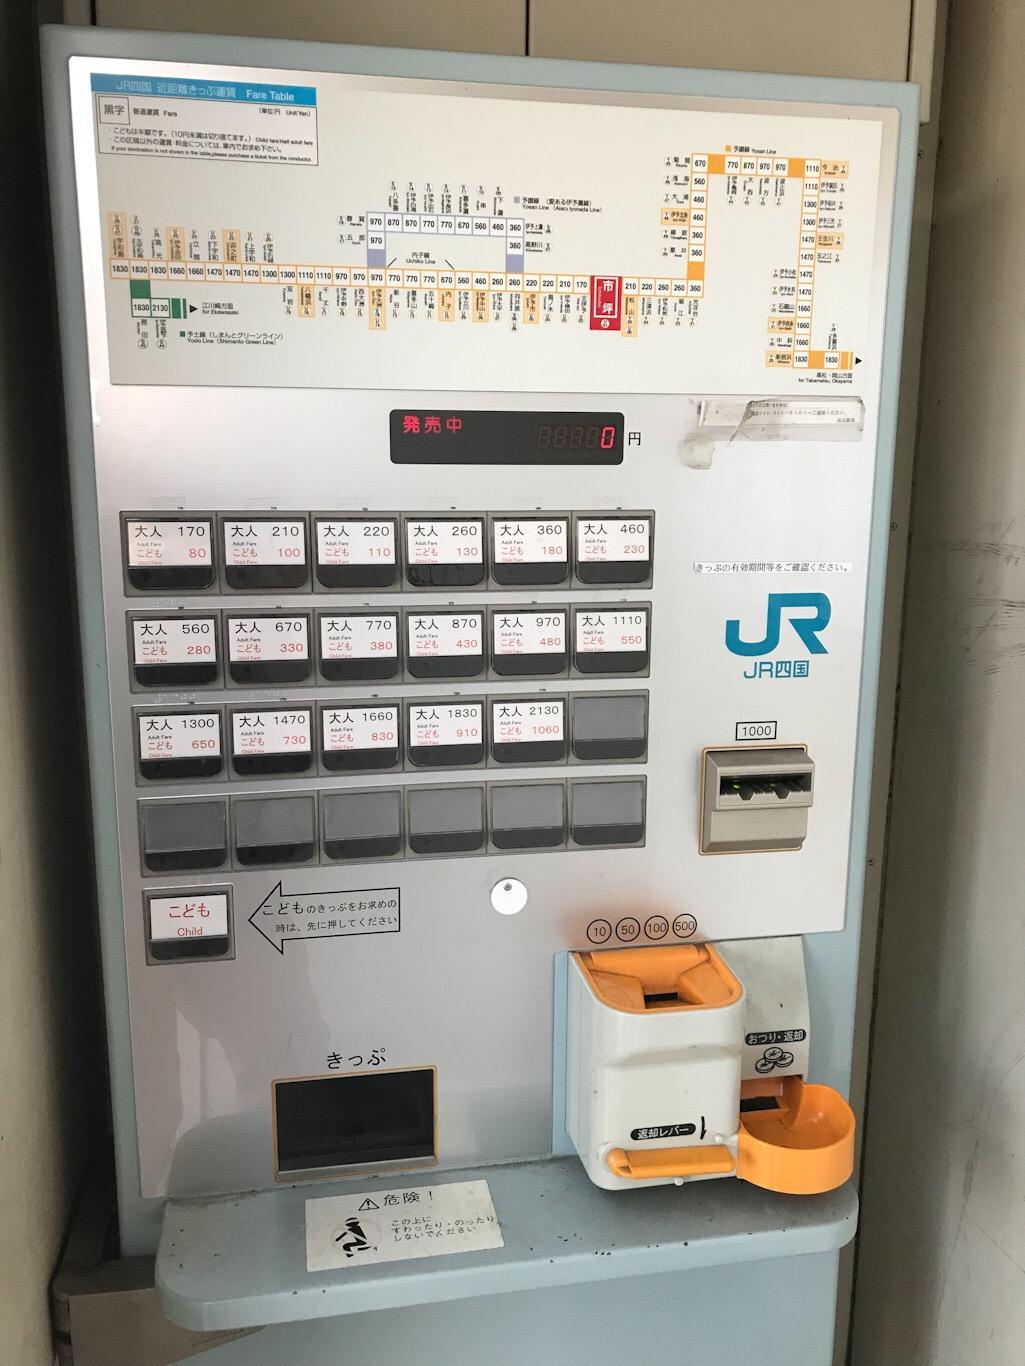 JR市坪駅2番線ホームの自動券売機